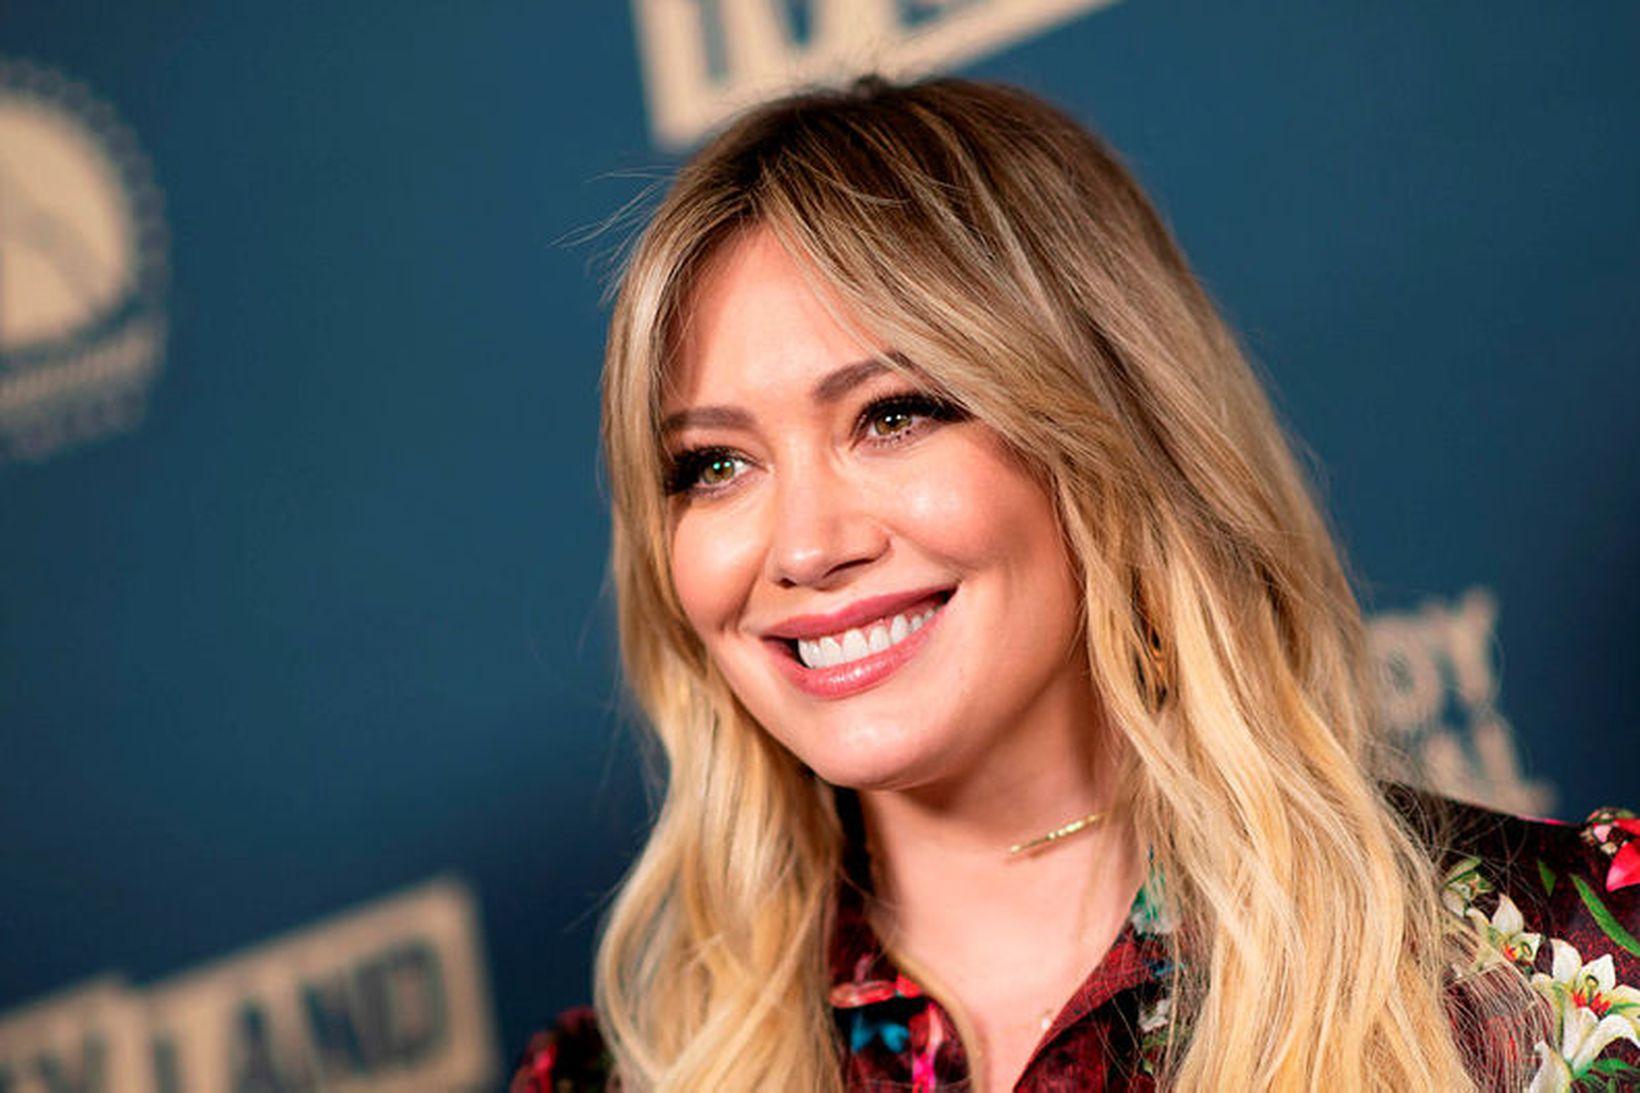 Hilary Duff á tvö börn.